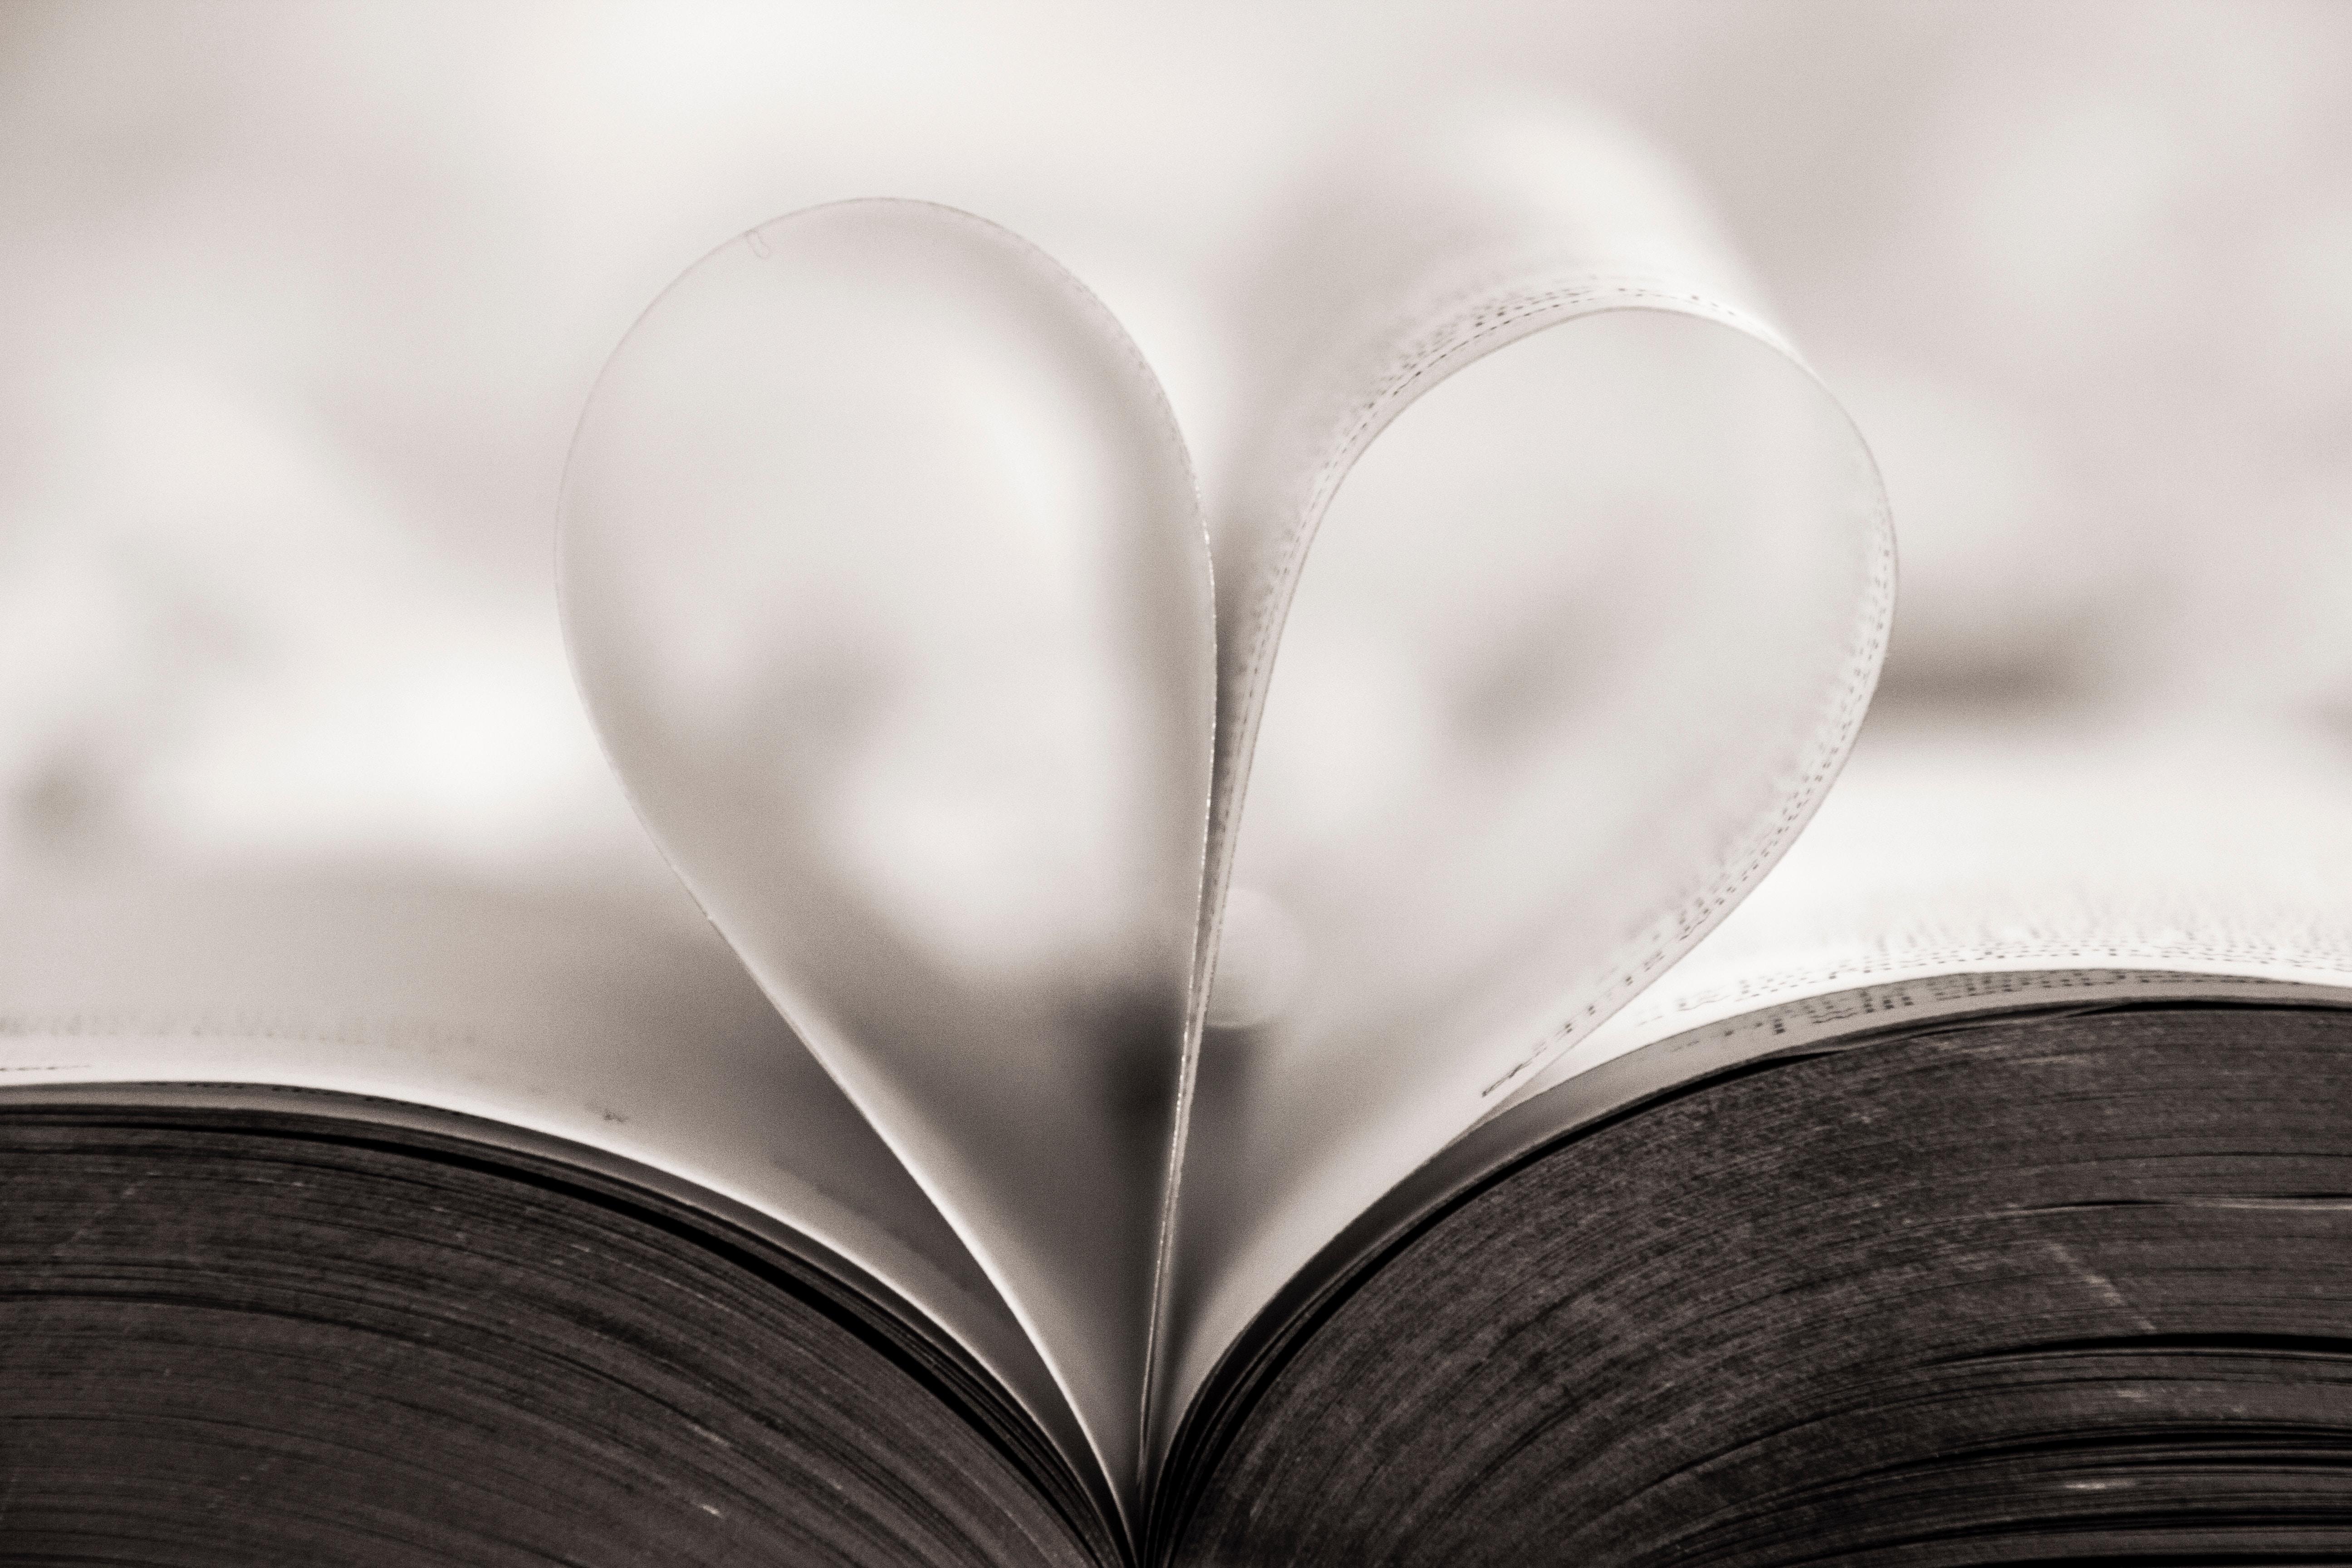 ブルーレースアゲードが持つ意味は?パワーストーンとしての効果一覧 恋愛やお守り効果について